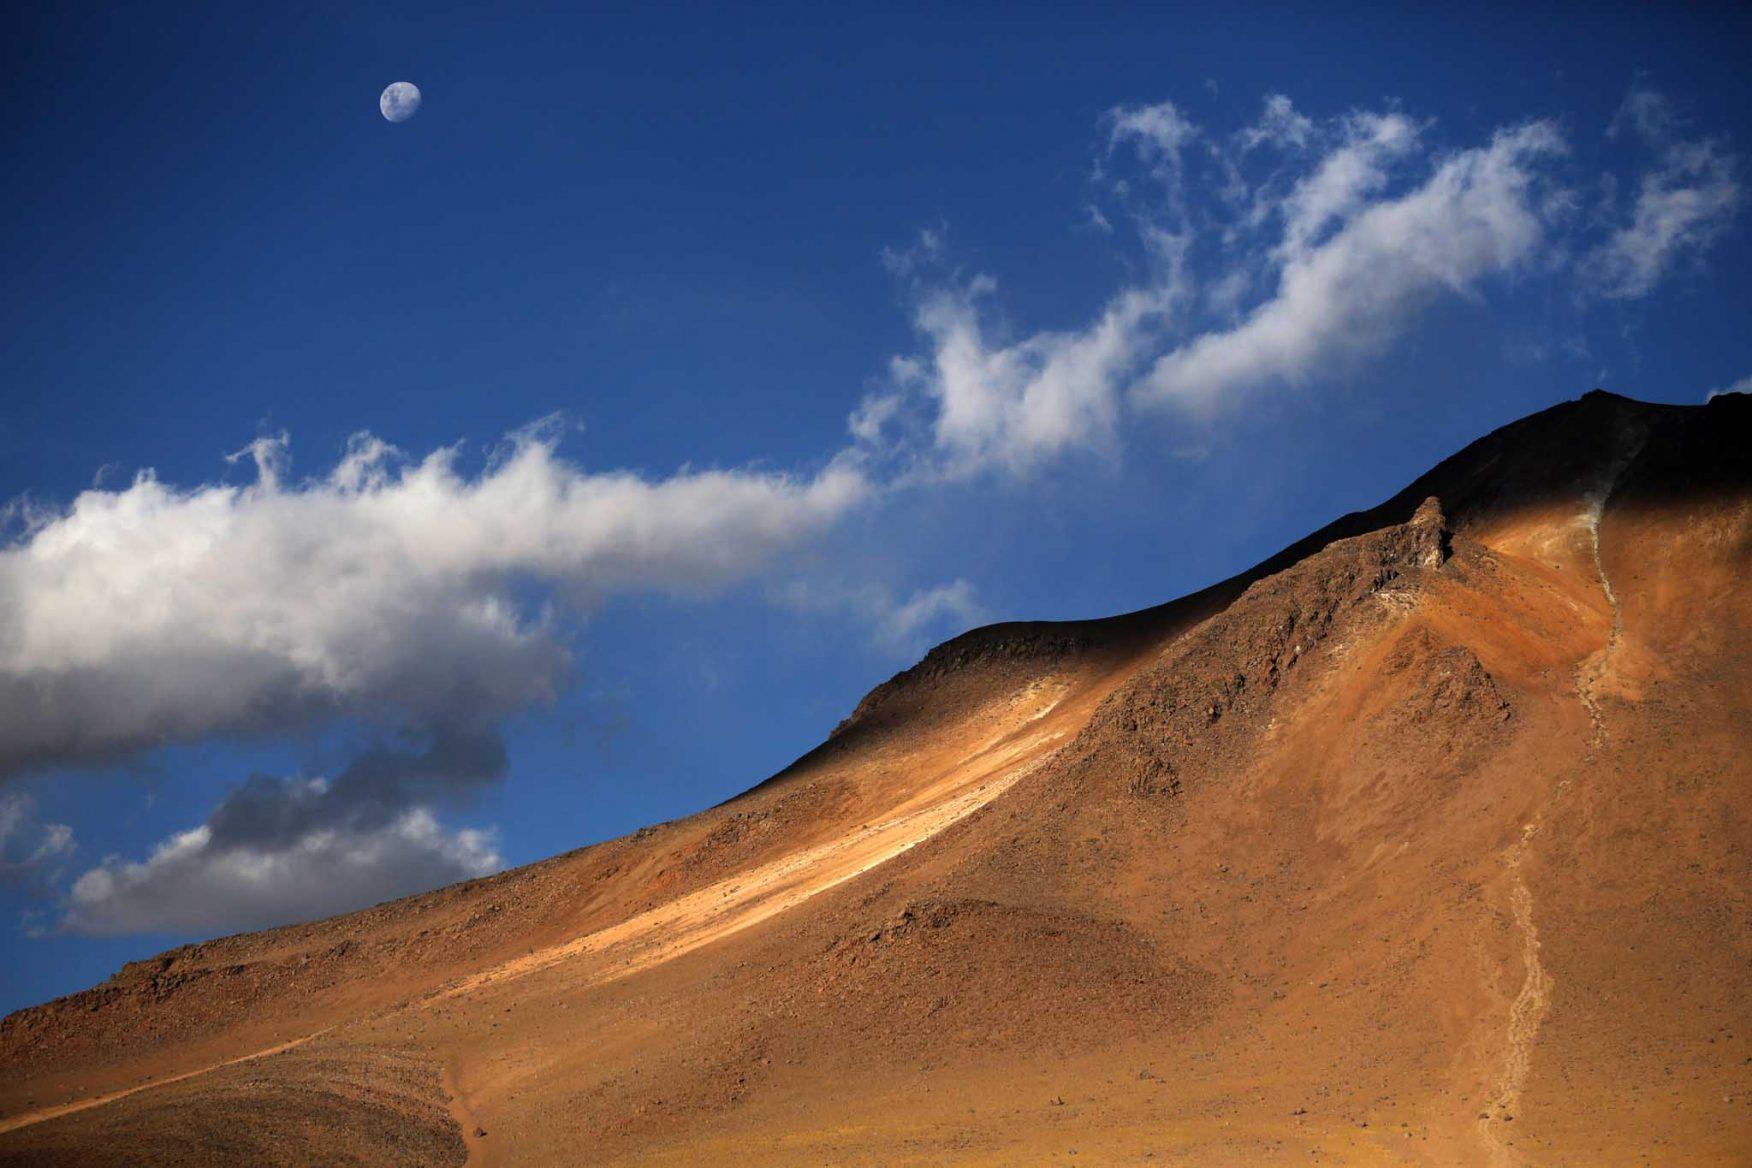 atacama-desert-roadtrip-4-moonscape